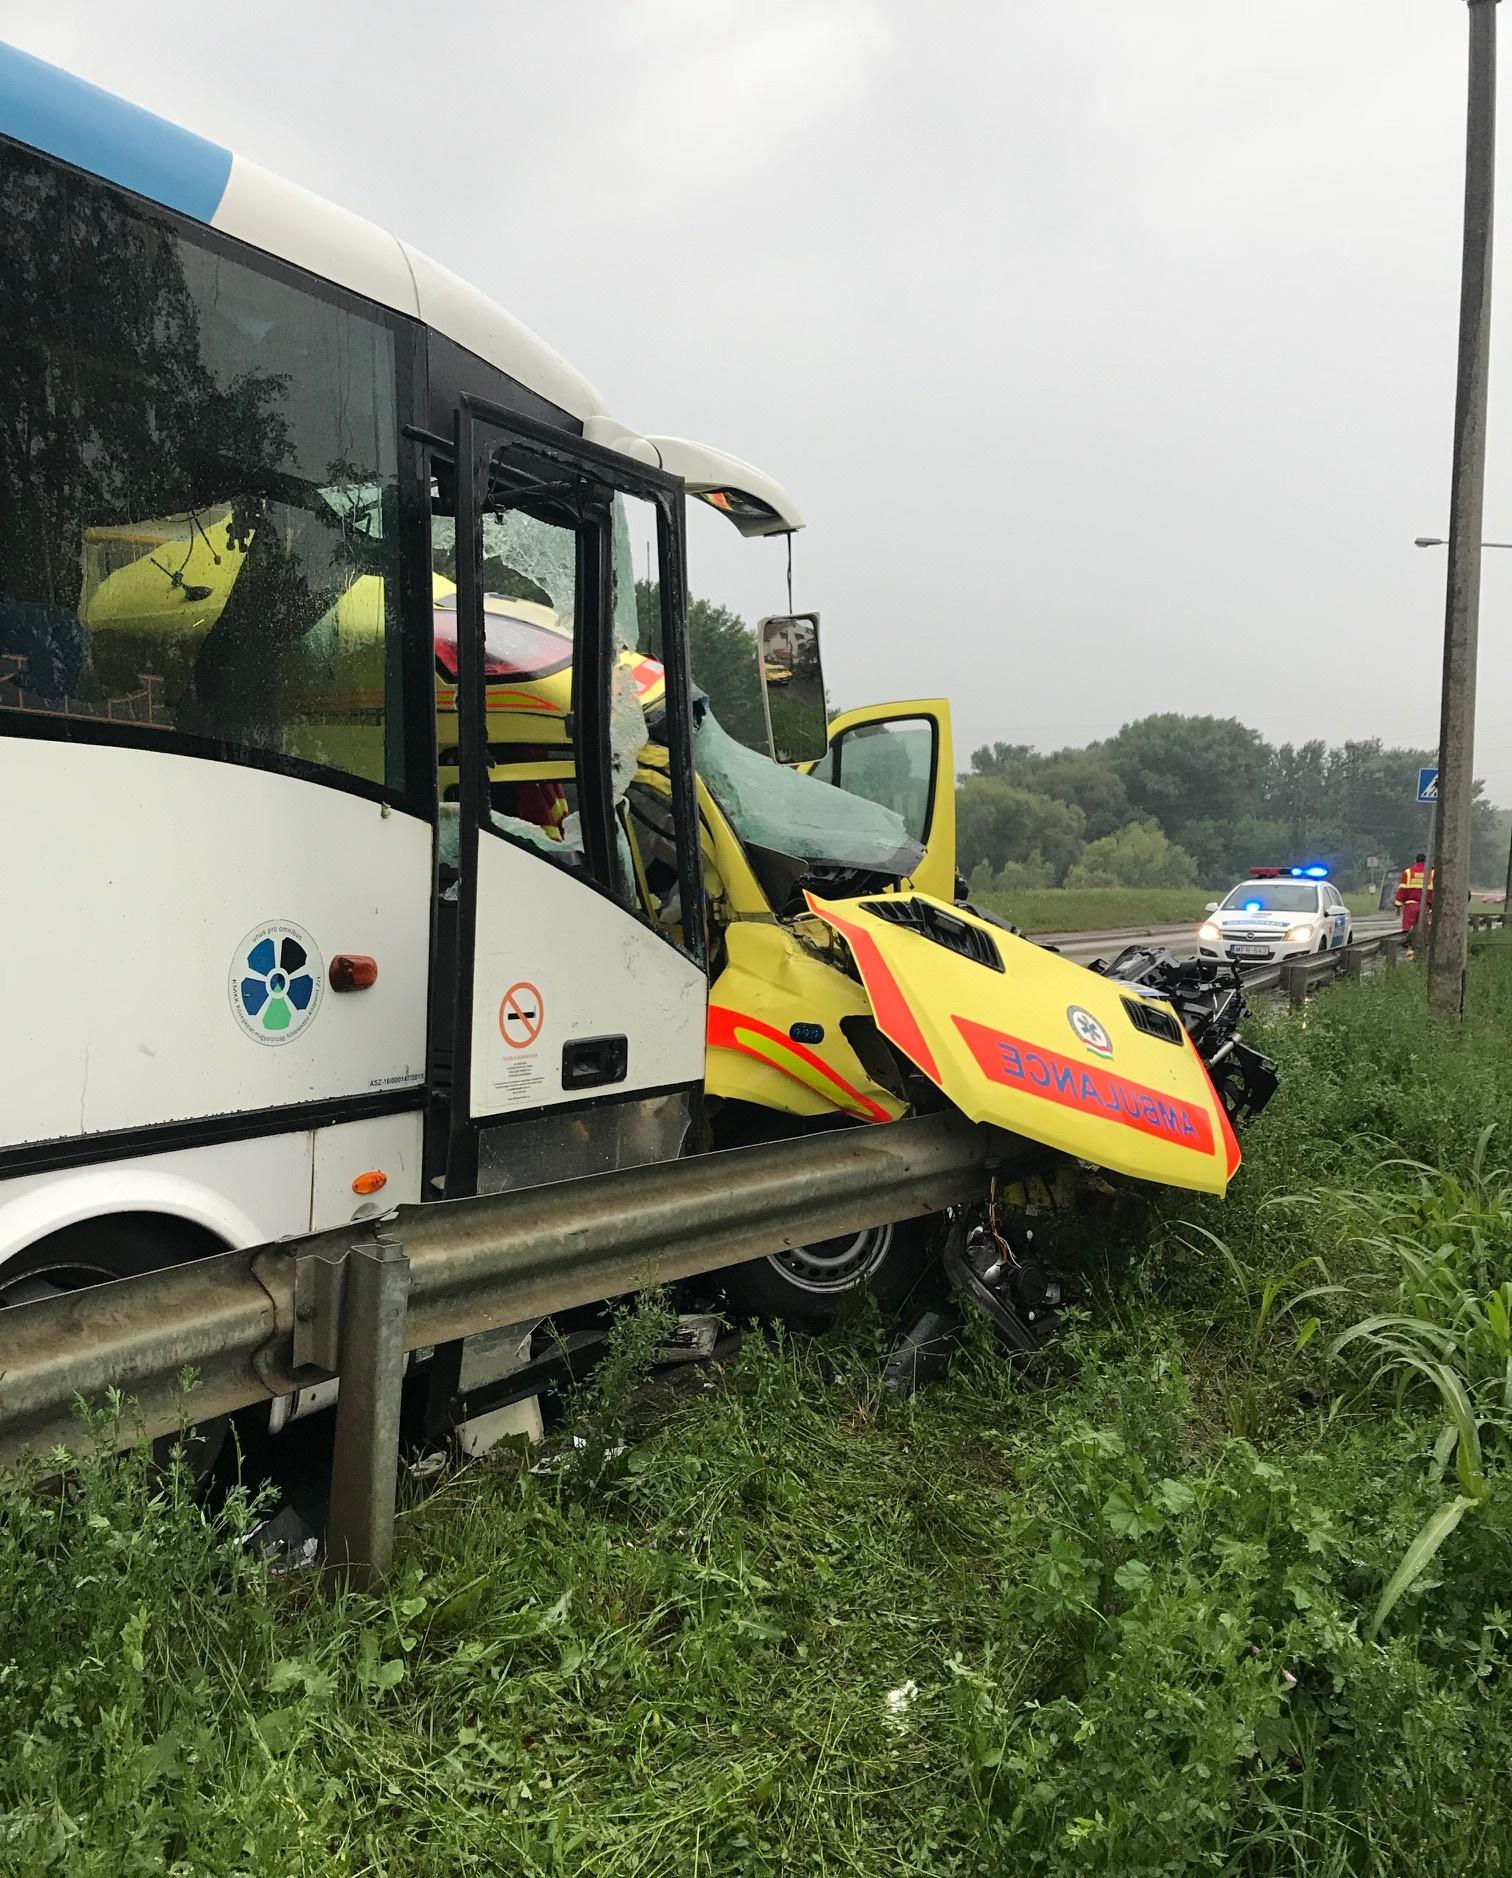 Borzalmas baleset történt a Debreceni úton, a mentős és a beteg is életét vesztette